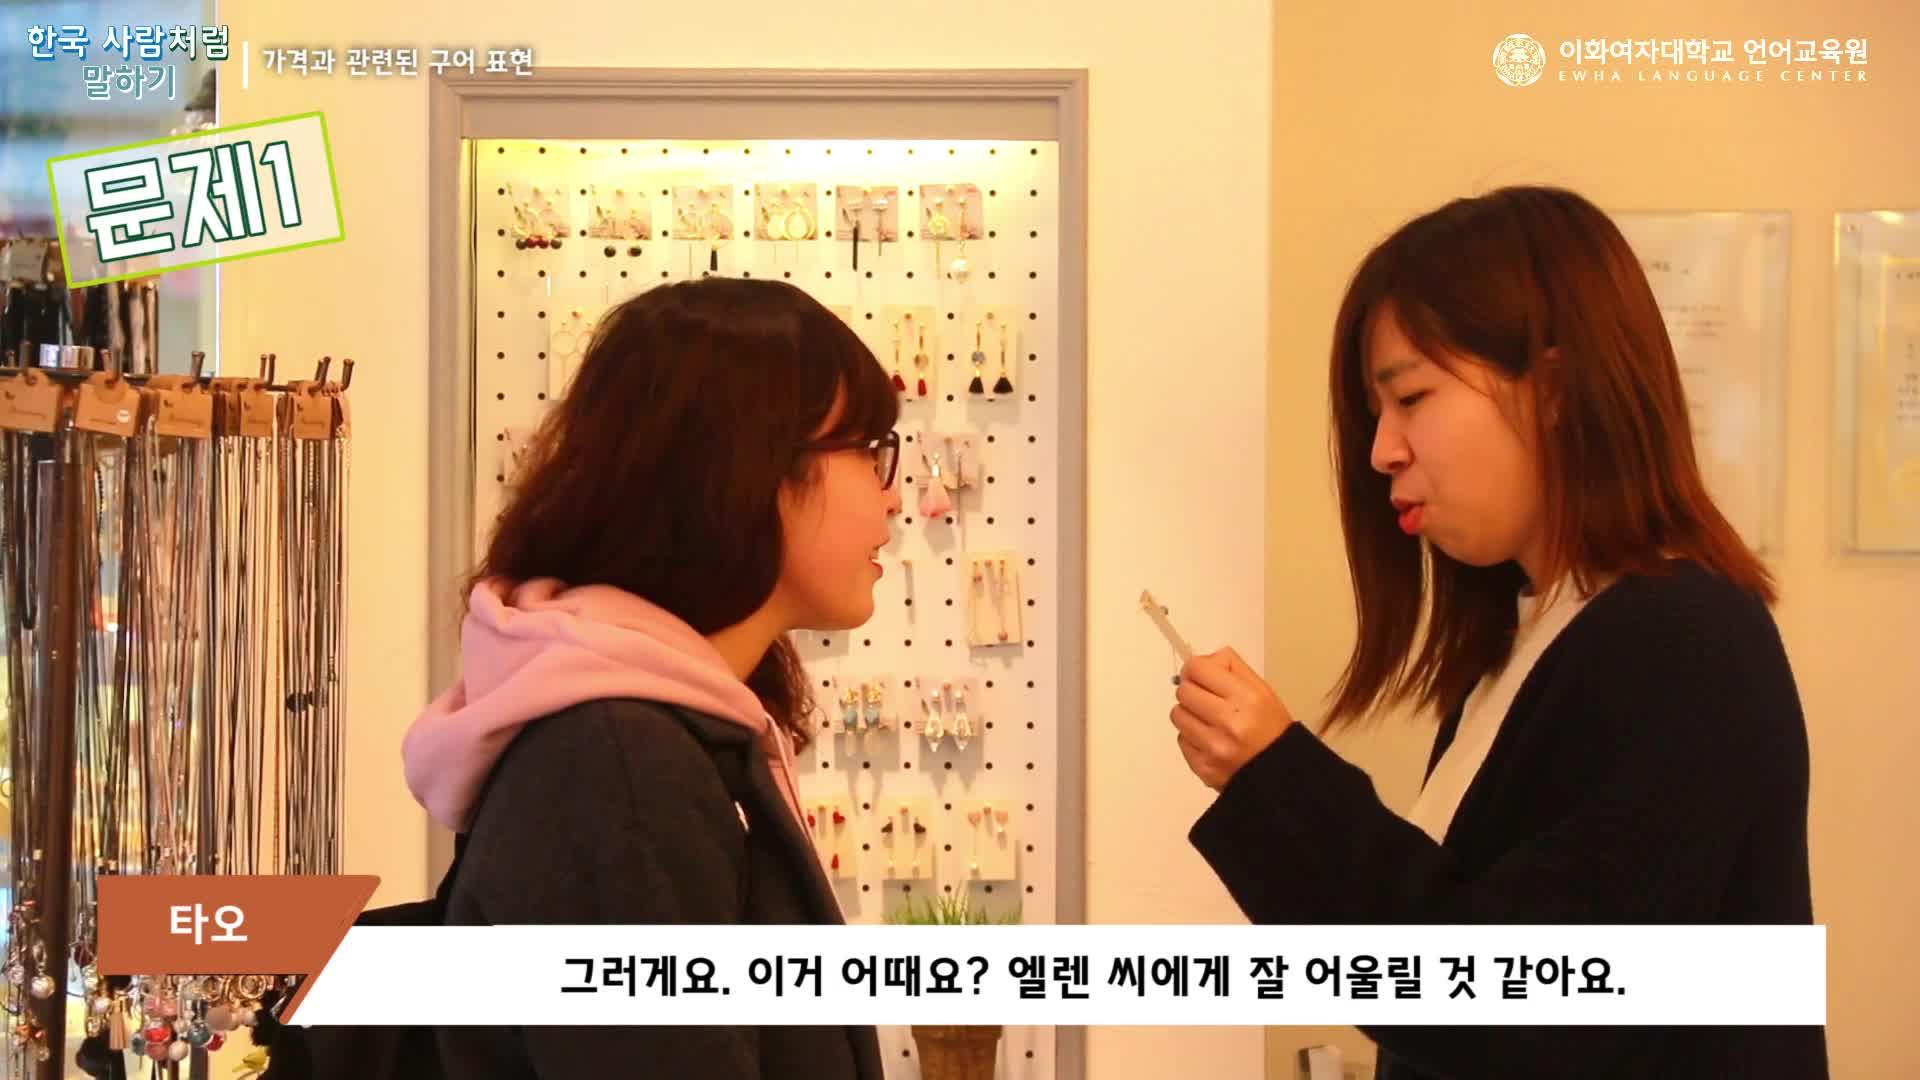 [Nói tiếng Hàn như người Hàn] 알쏭달쏭 한국어 / 2편: 가격과 관련된 구어 표현. 출처: 이화여자대학교 언어교육원